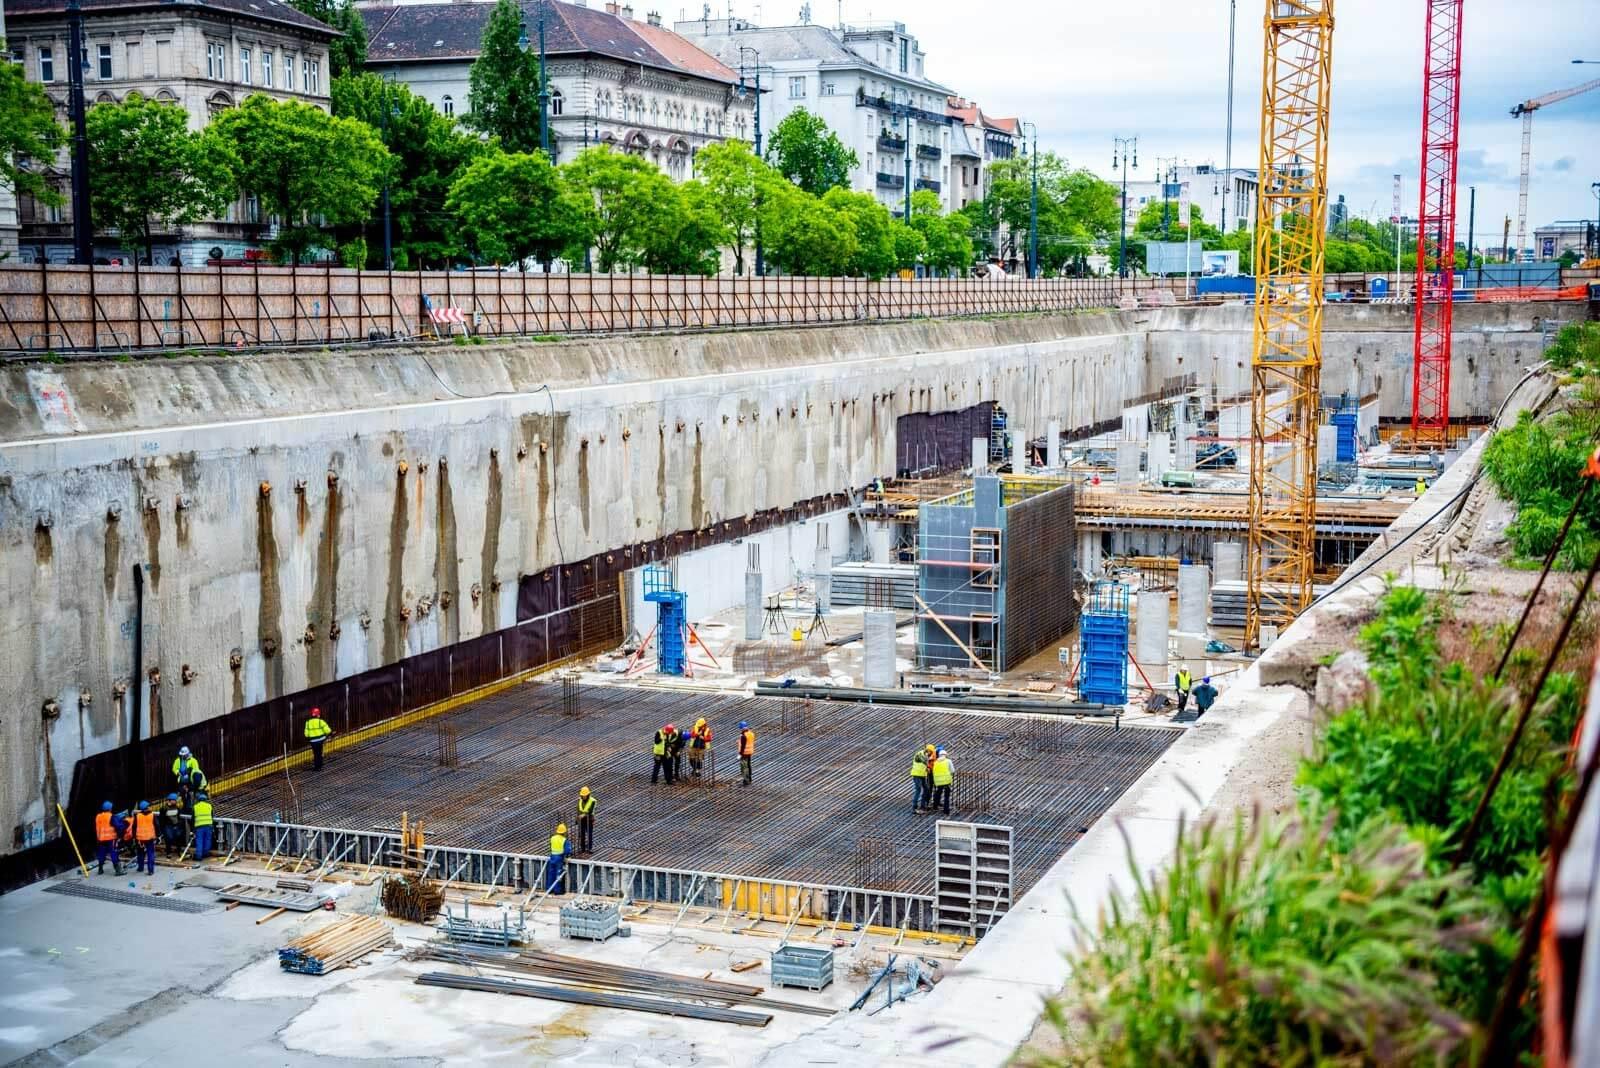 Háromszintes mélygarázs épül a Városliget szomszédságában